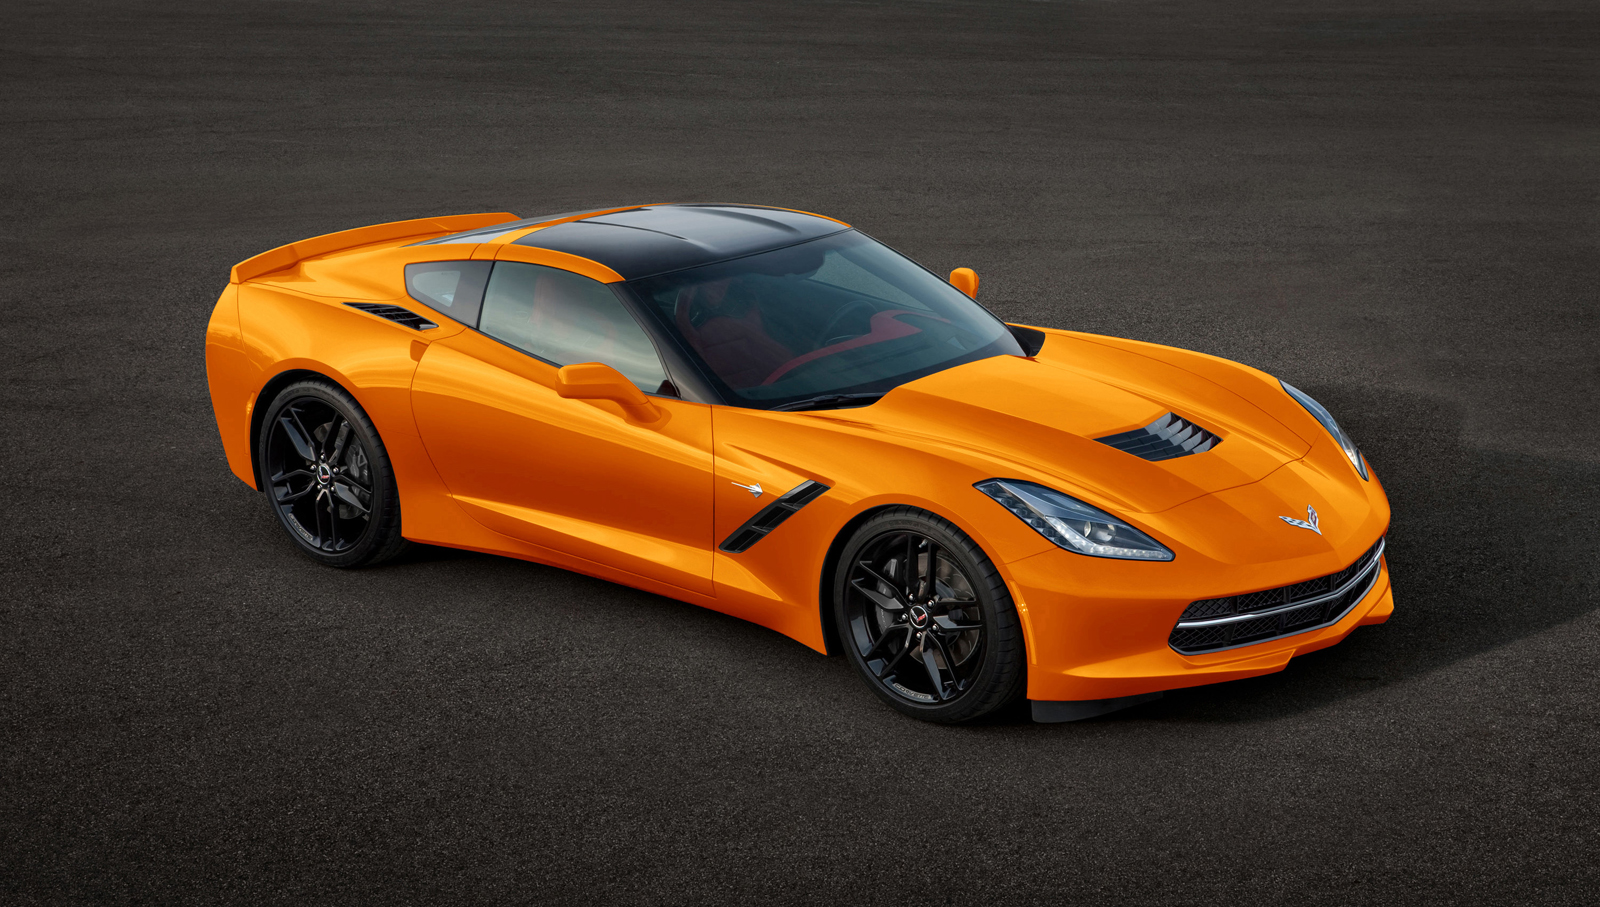 2014 Corvette  amp  Corvette StingrayCorvette Stingray 2014 Orange